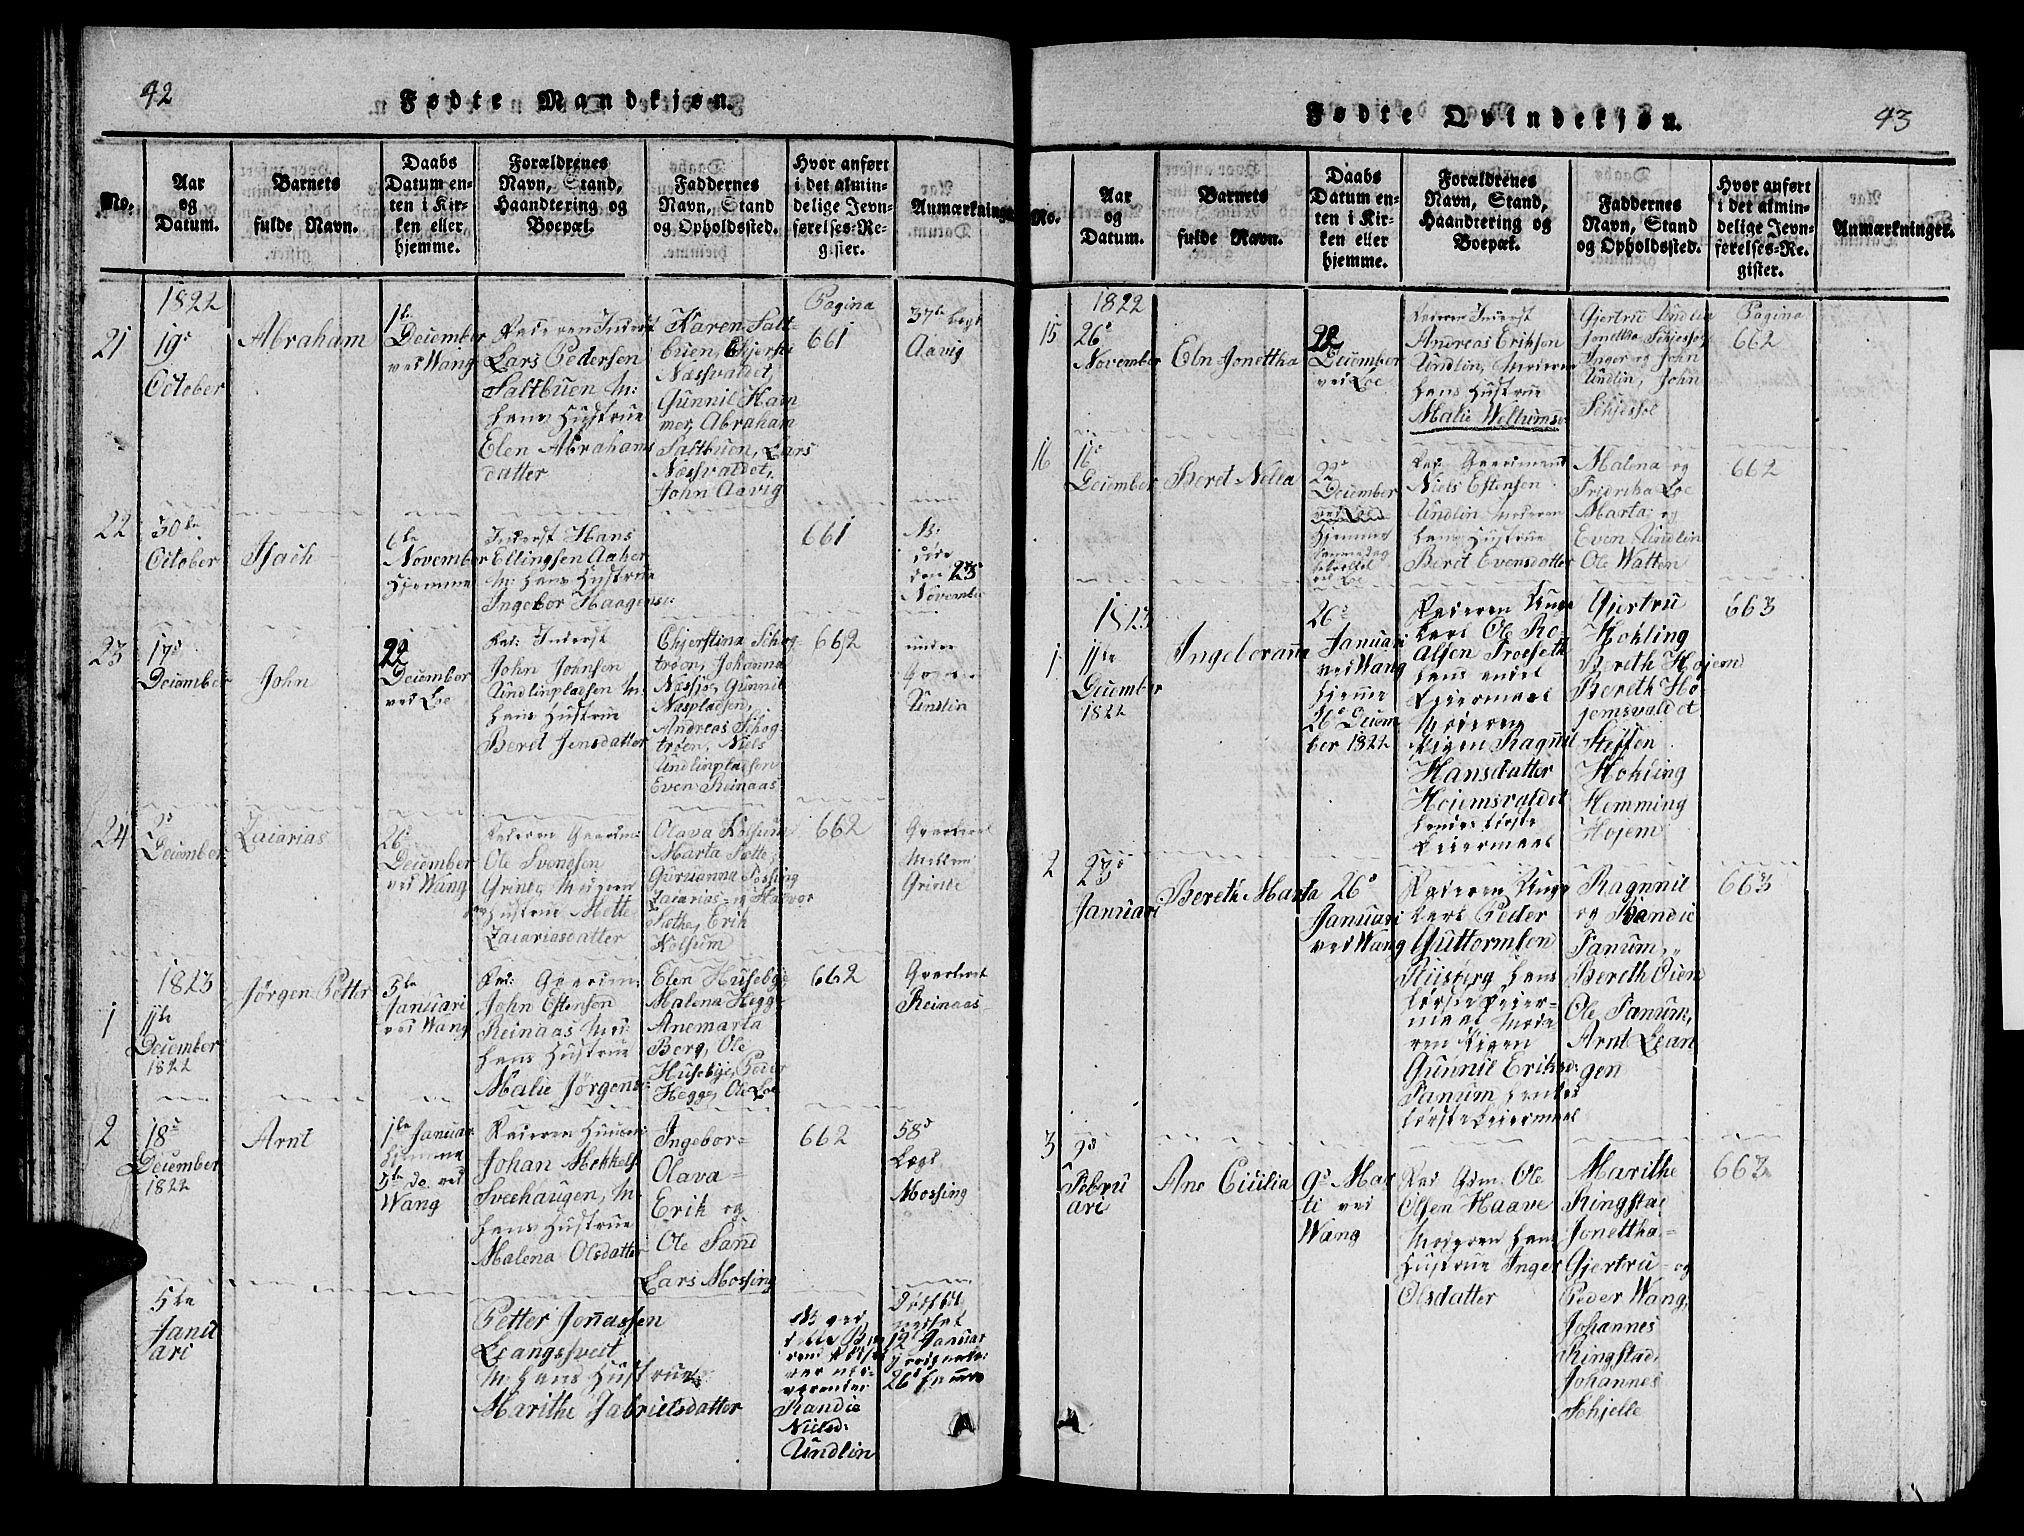 SAT, Ministerialprotokoller, klokkerbøker og fødselsregistre - Nord-Trøndelag, 714/L0132: Klokkerbok nr. 714C01, 1817-1824, s. 42-43